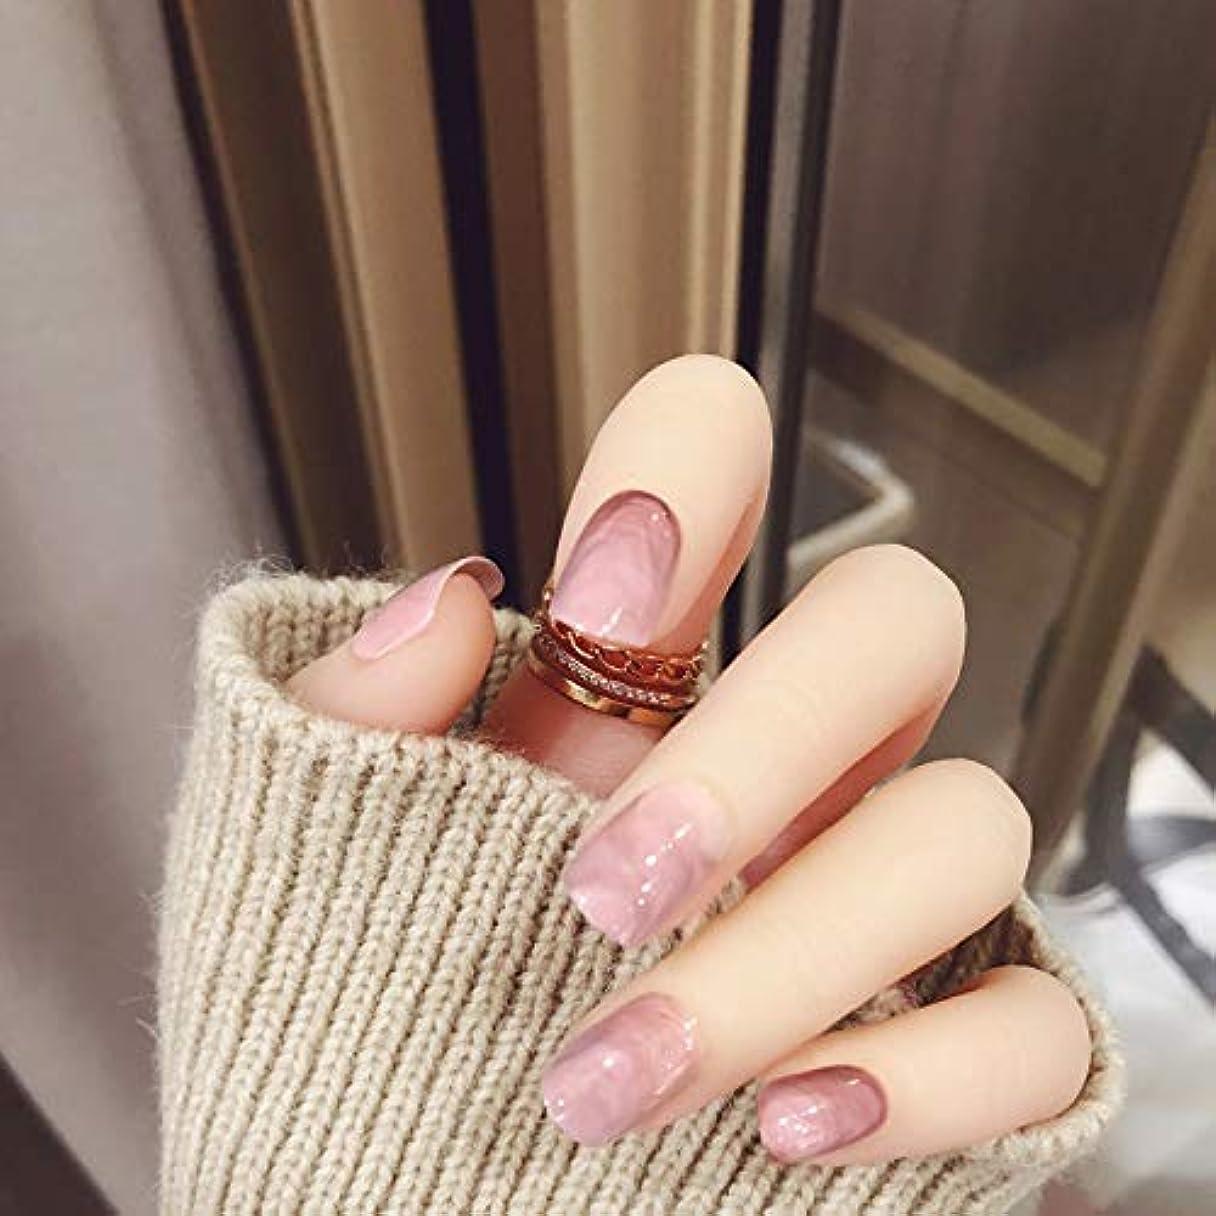 キャロライン活発代表して新作 24枚 ぼかしネイルチップ 大理石の模様 披露宴つけ爪 直接貼るネイルチップ ショートタイプ むら染デザイン